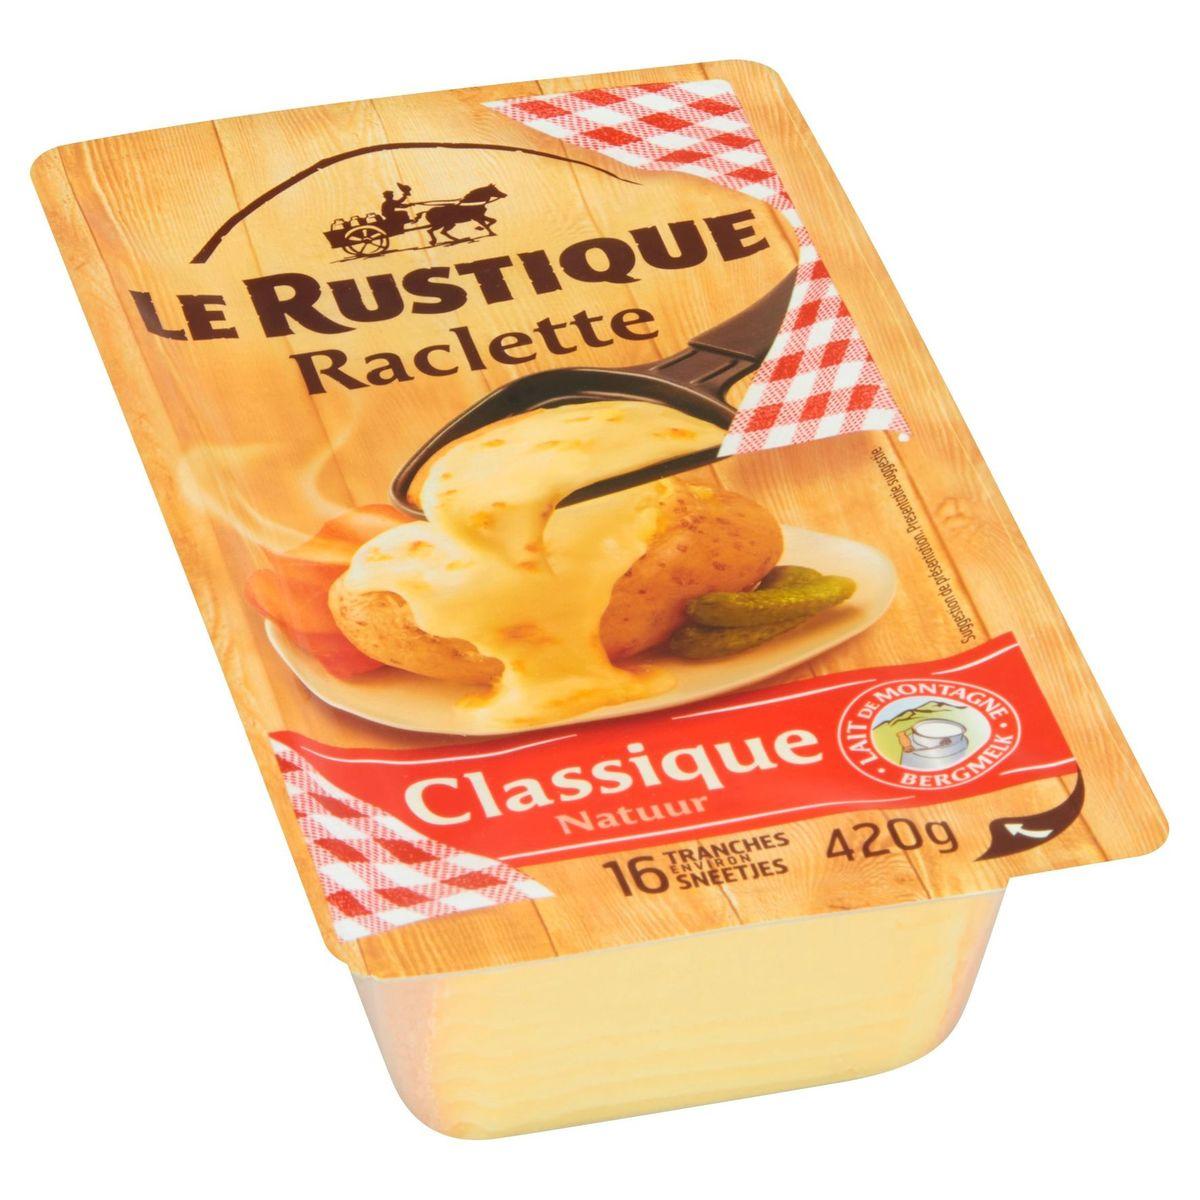 Le Rustique Raclette Natuur 420 g